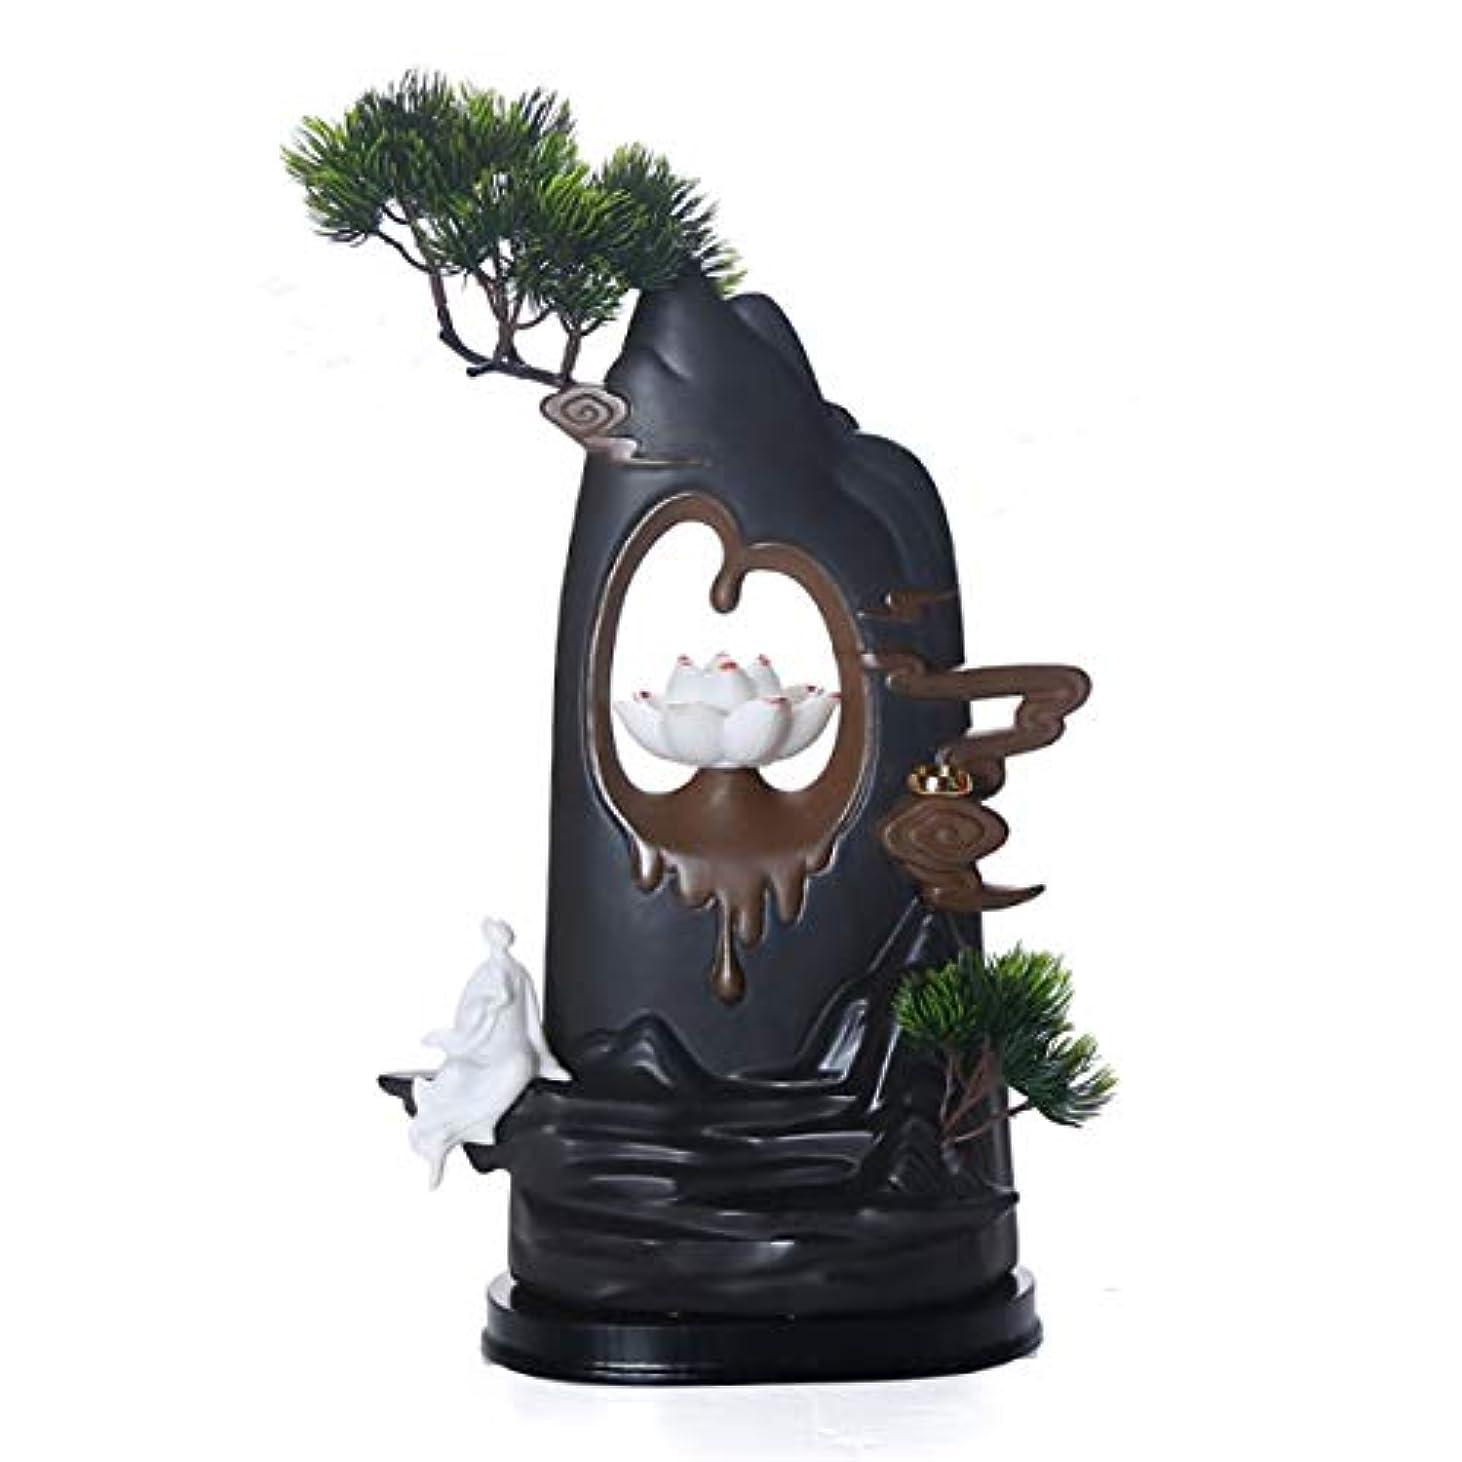 ラッシュハチ背景香炉LEDグローイングセラミック香コーンバーナー香スティックホルダー逆流香バーナーコーン香ホルダーホームデコレーションギフト逆流香ホルダー